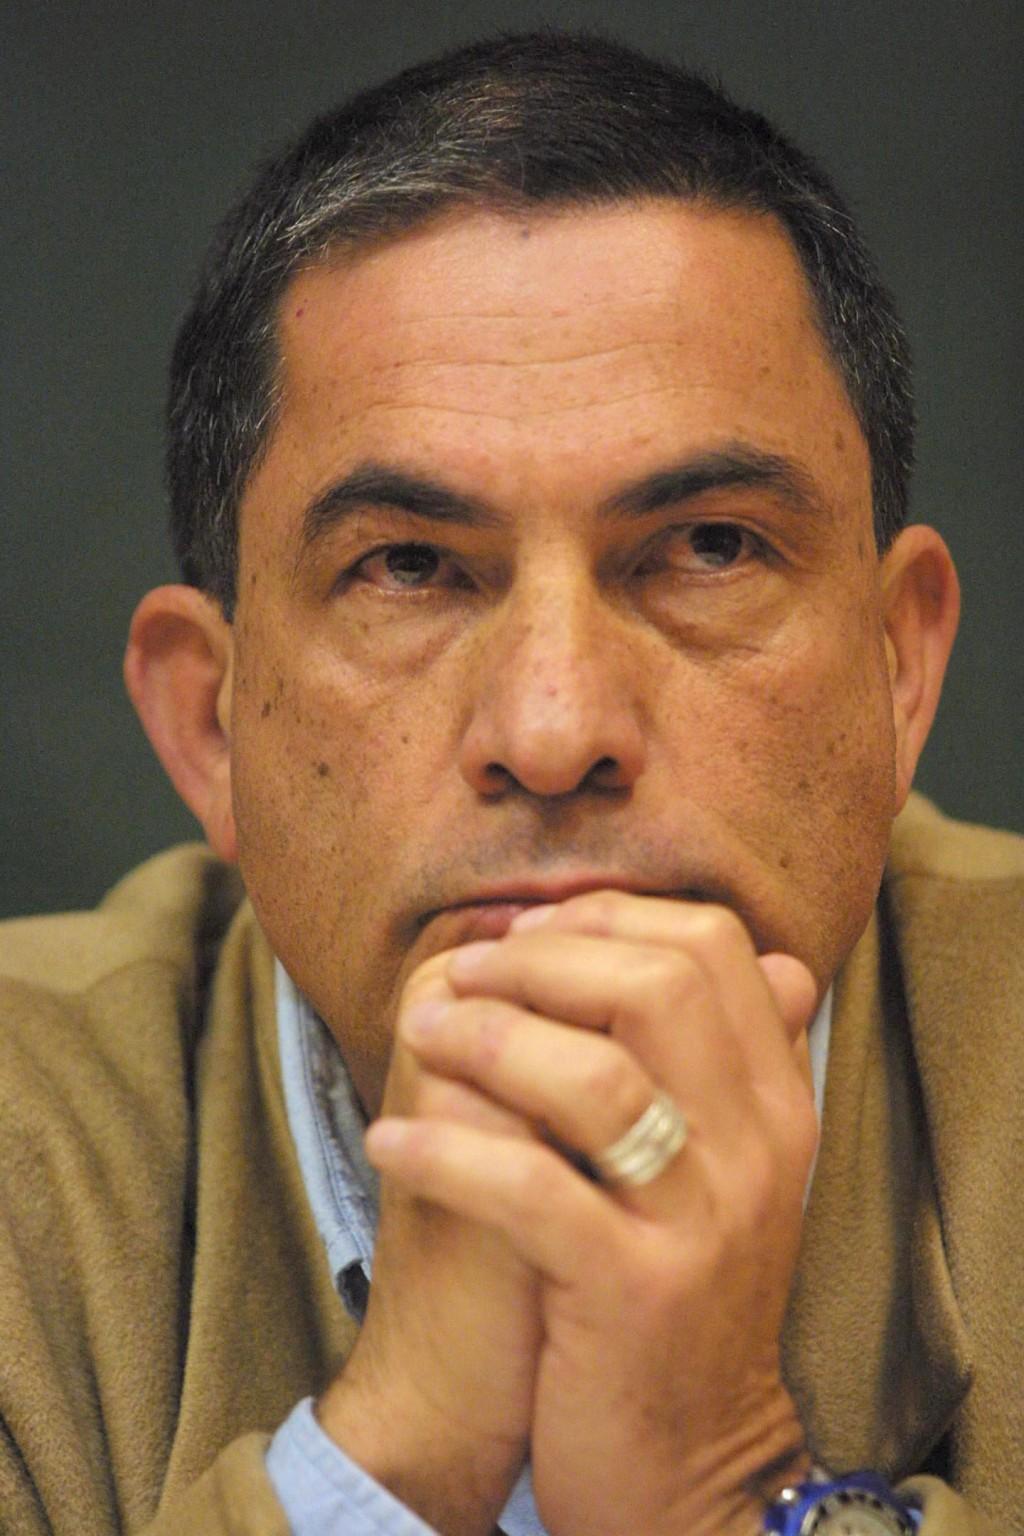 גדעון לוי (צילום: פלאש 90)